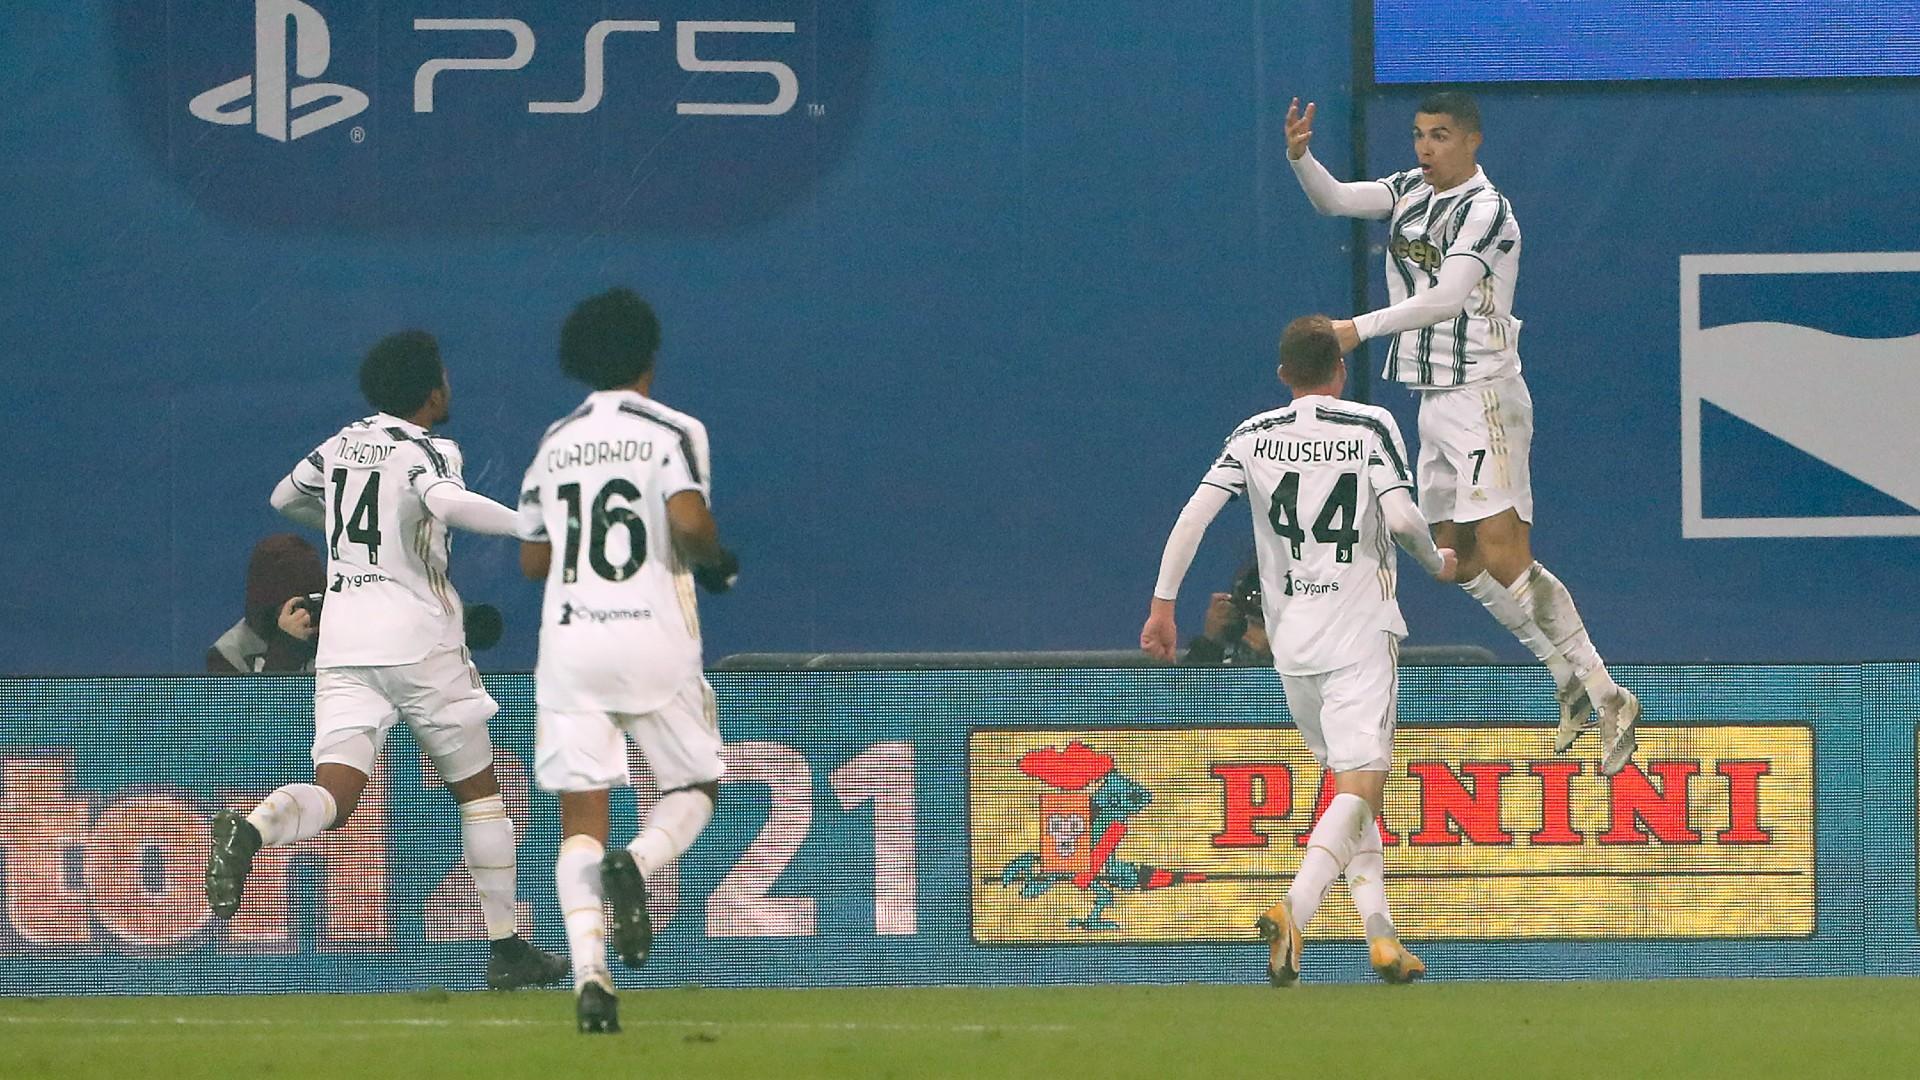 Supercoppa: Juventus-Napoli 2-0, le foto - Supercoppa italiana: Juventus-Napoli  2-0, le foto | Virgilio Sport